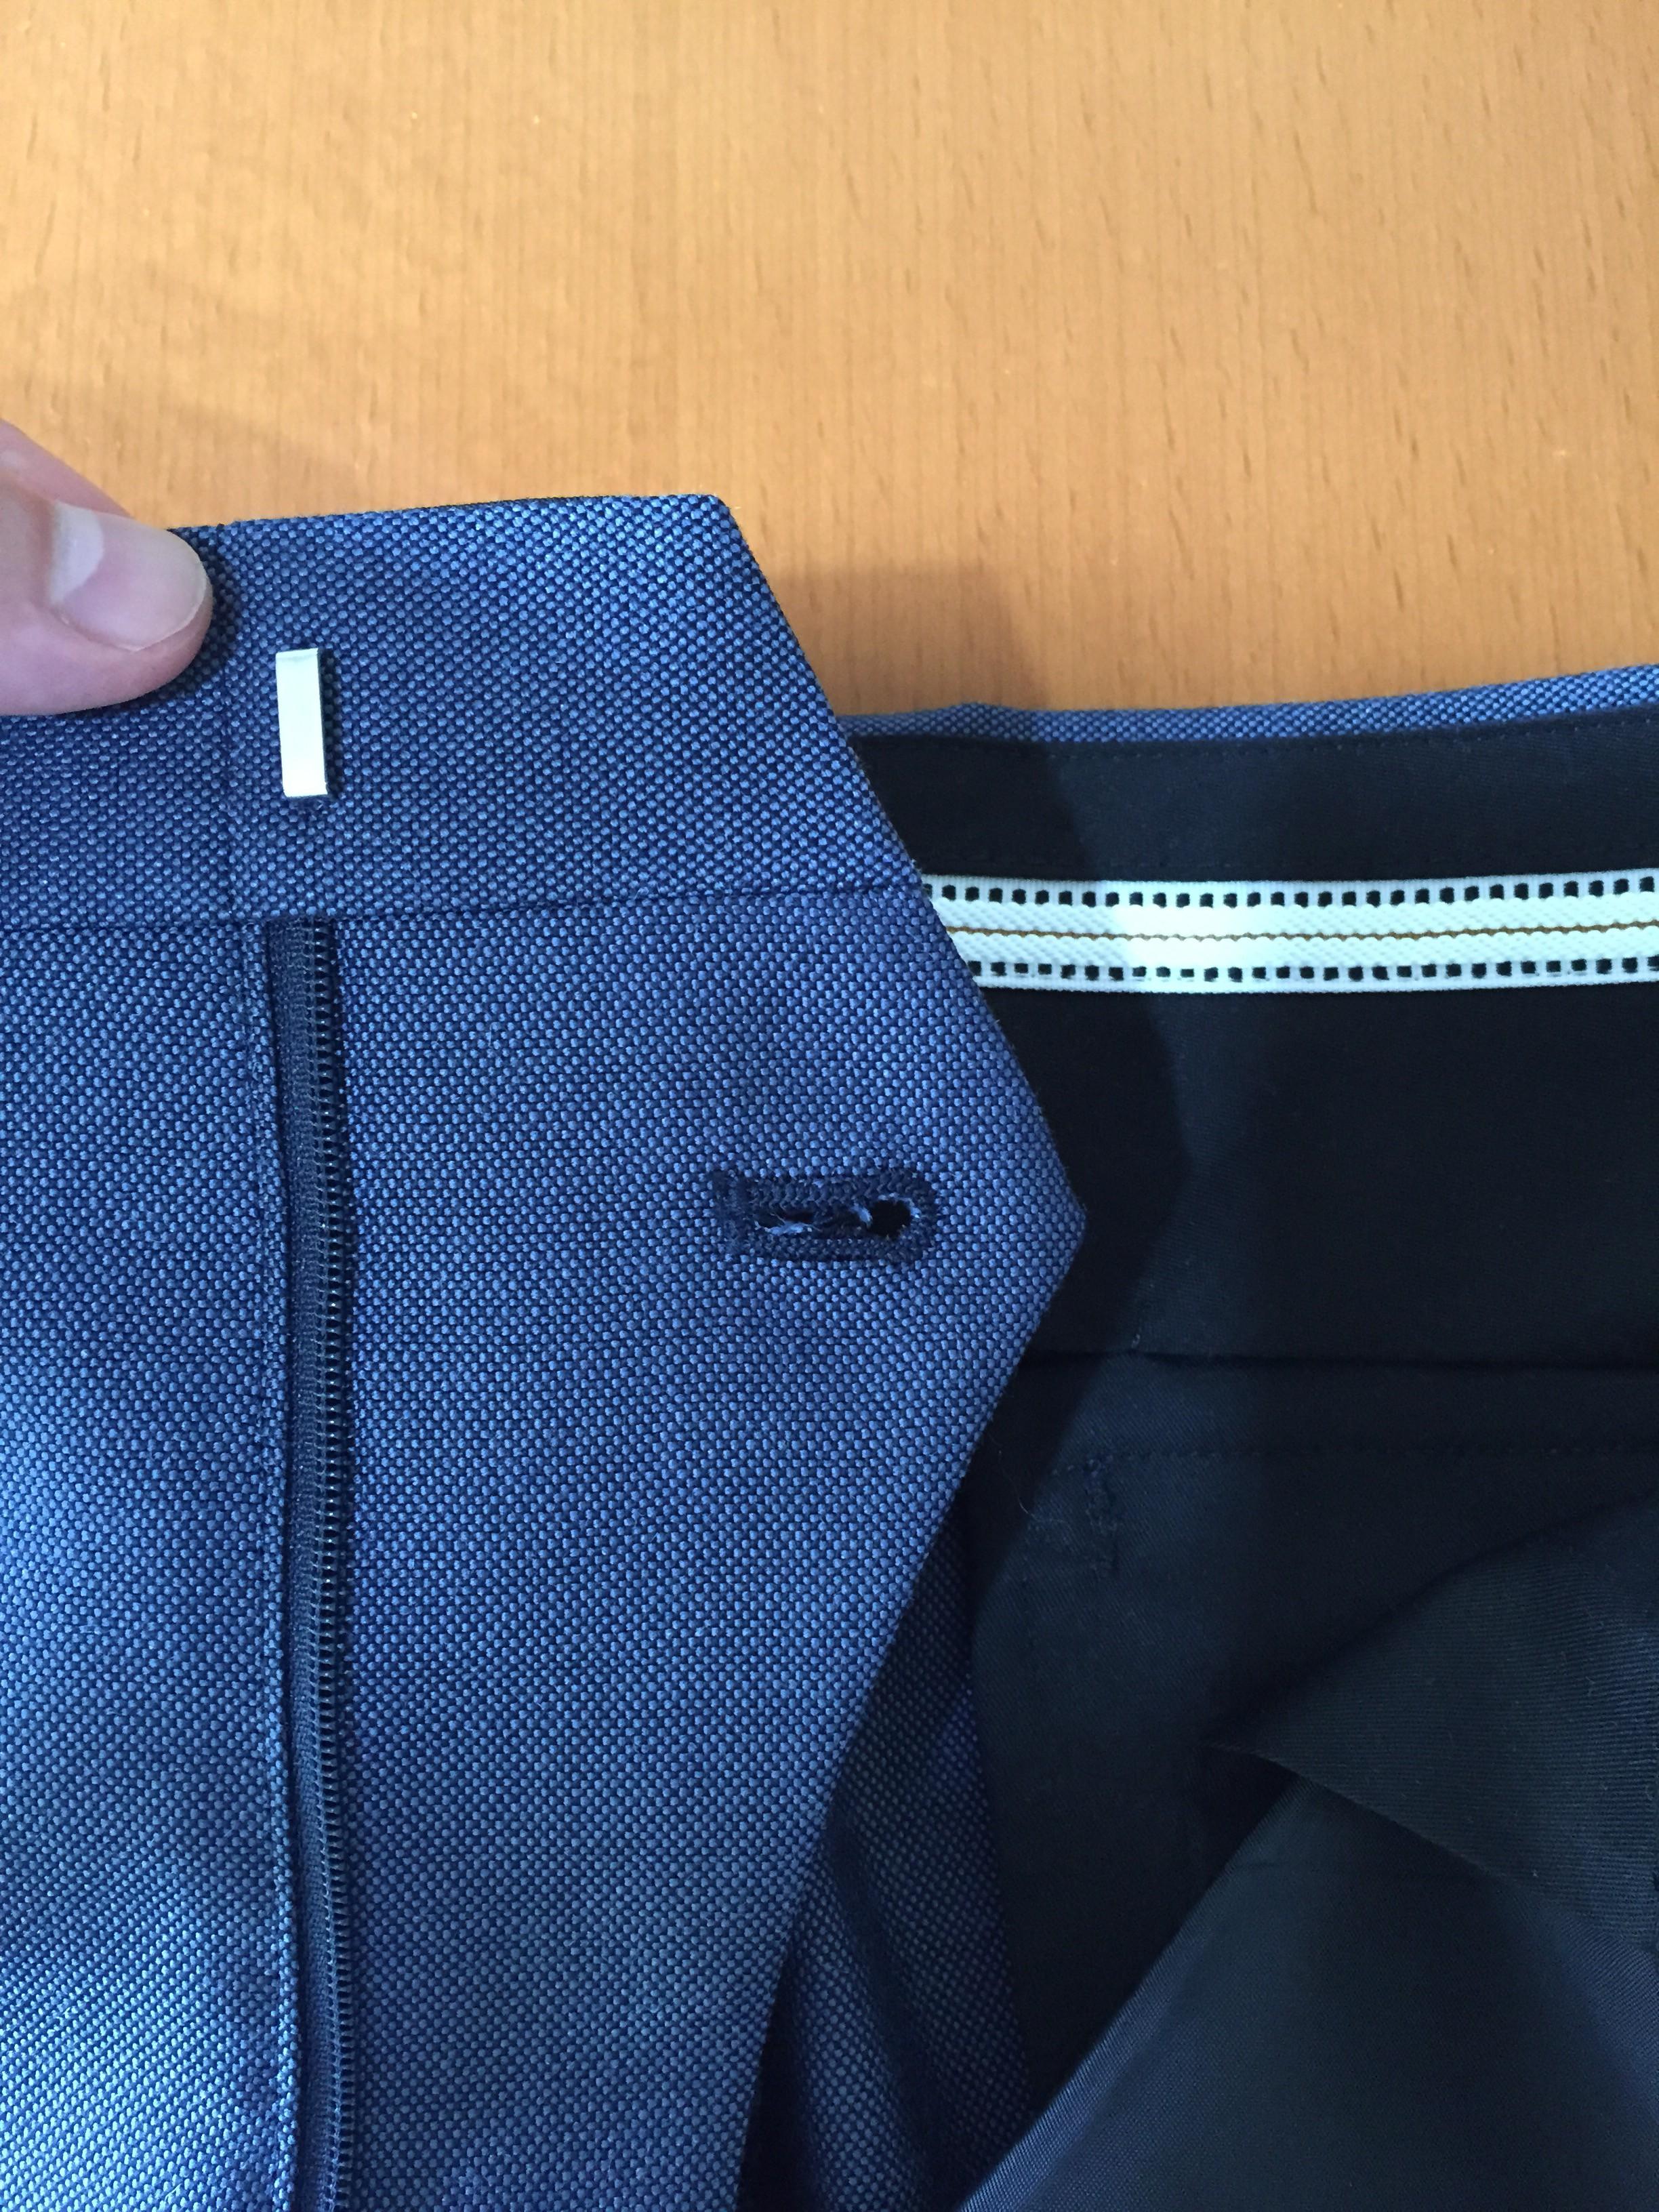 スーツのパーツを覚えておきましょう パンツ編